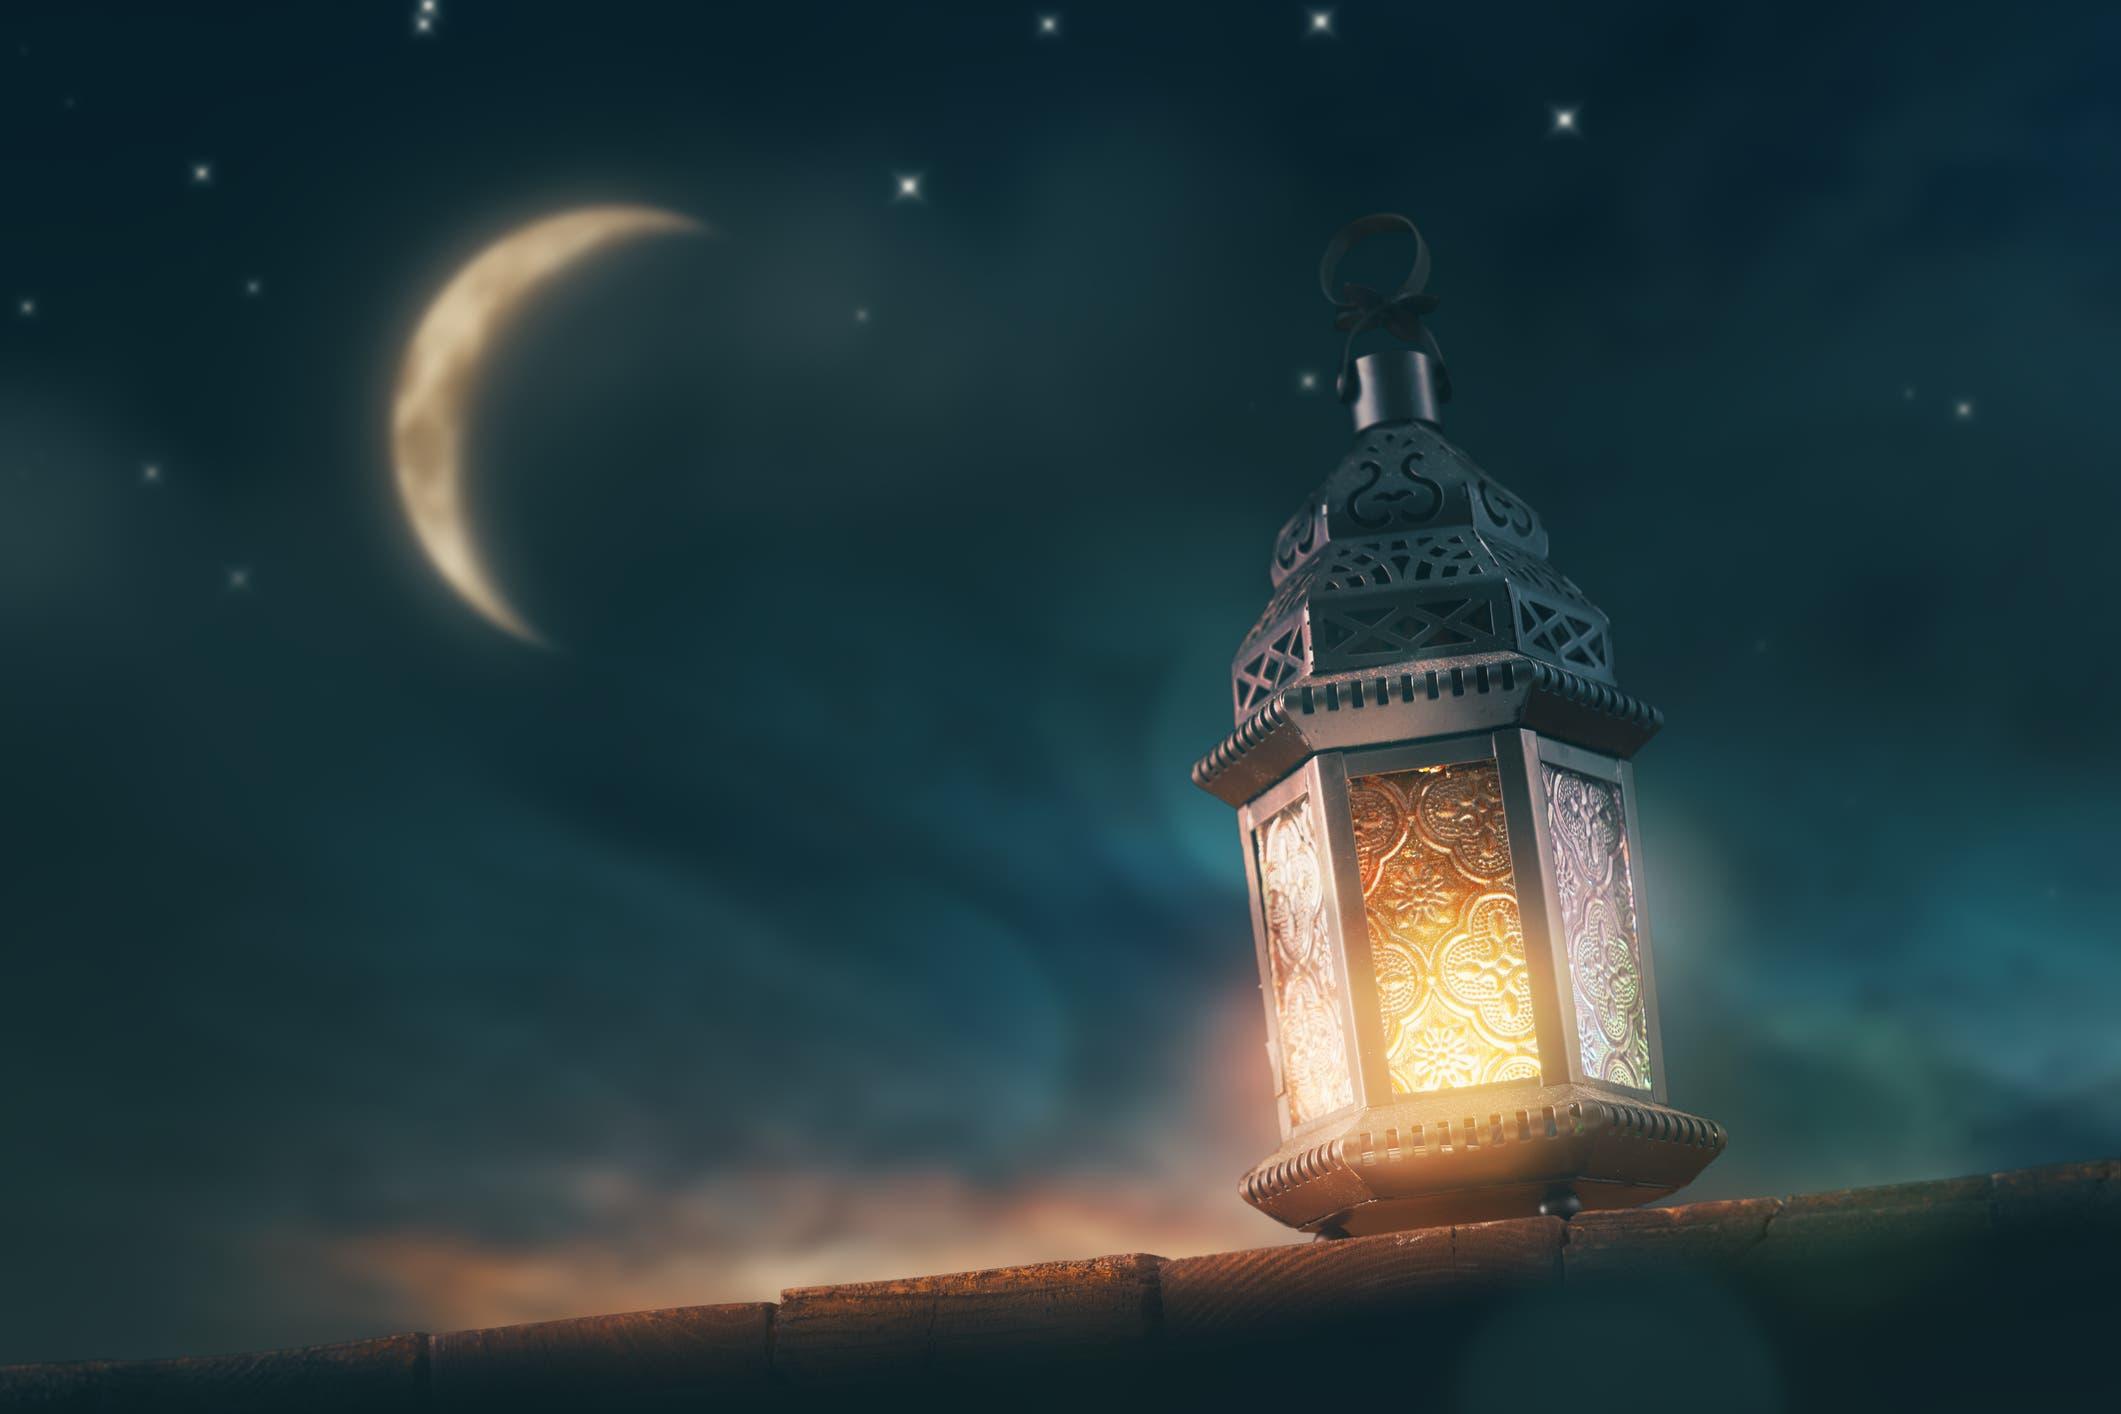 لهذه الأسباب..هذا هو أول ايام عيد الفطر في أغلب الدول العربية